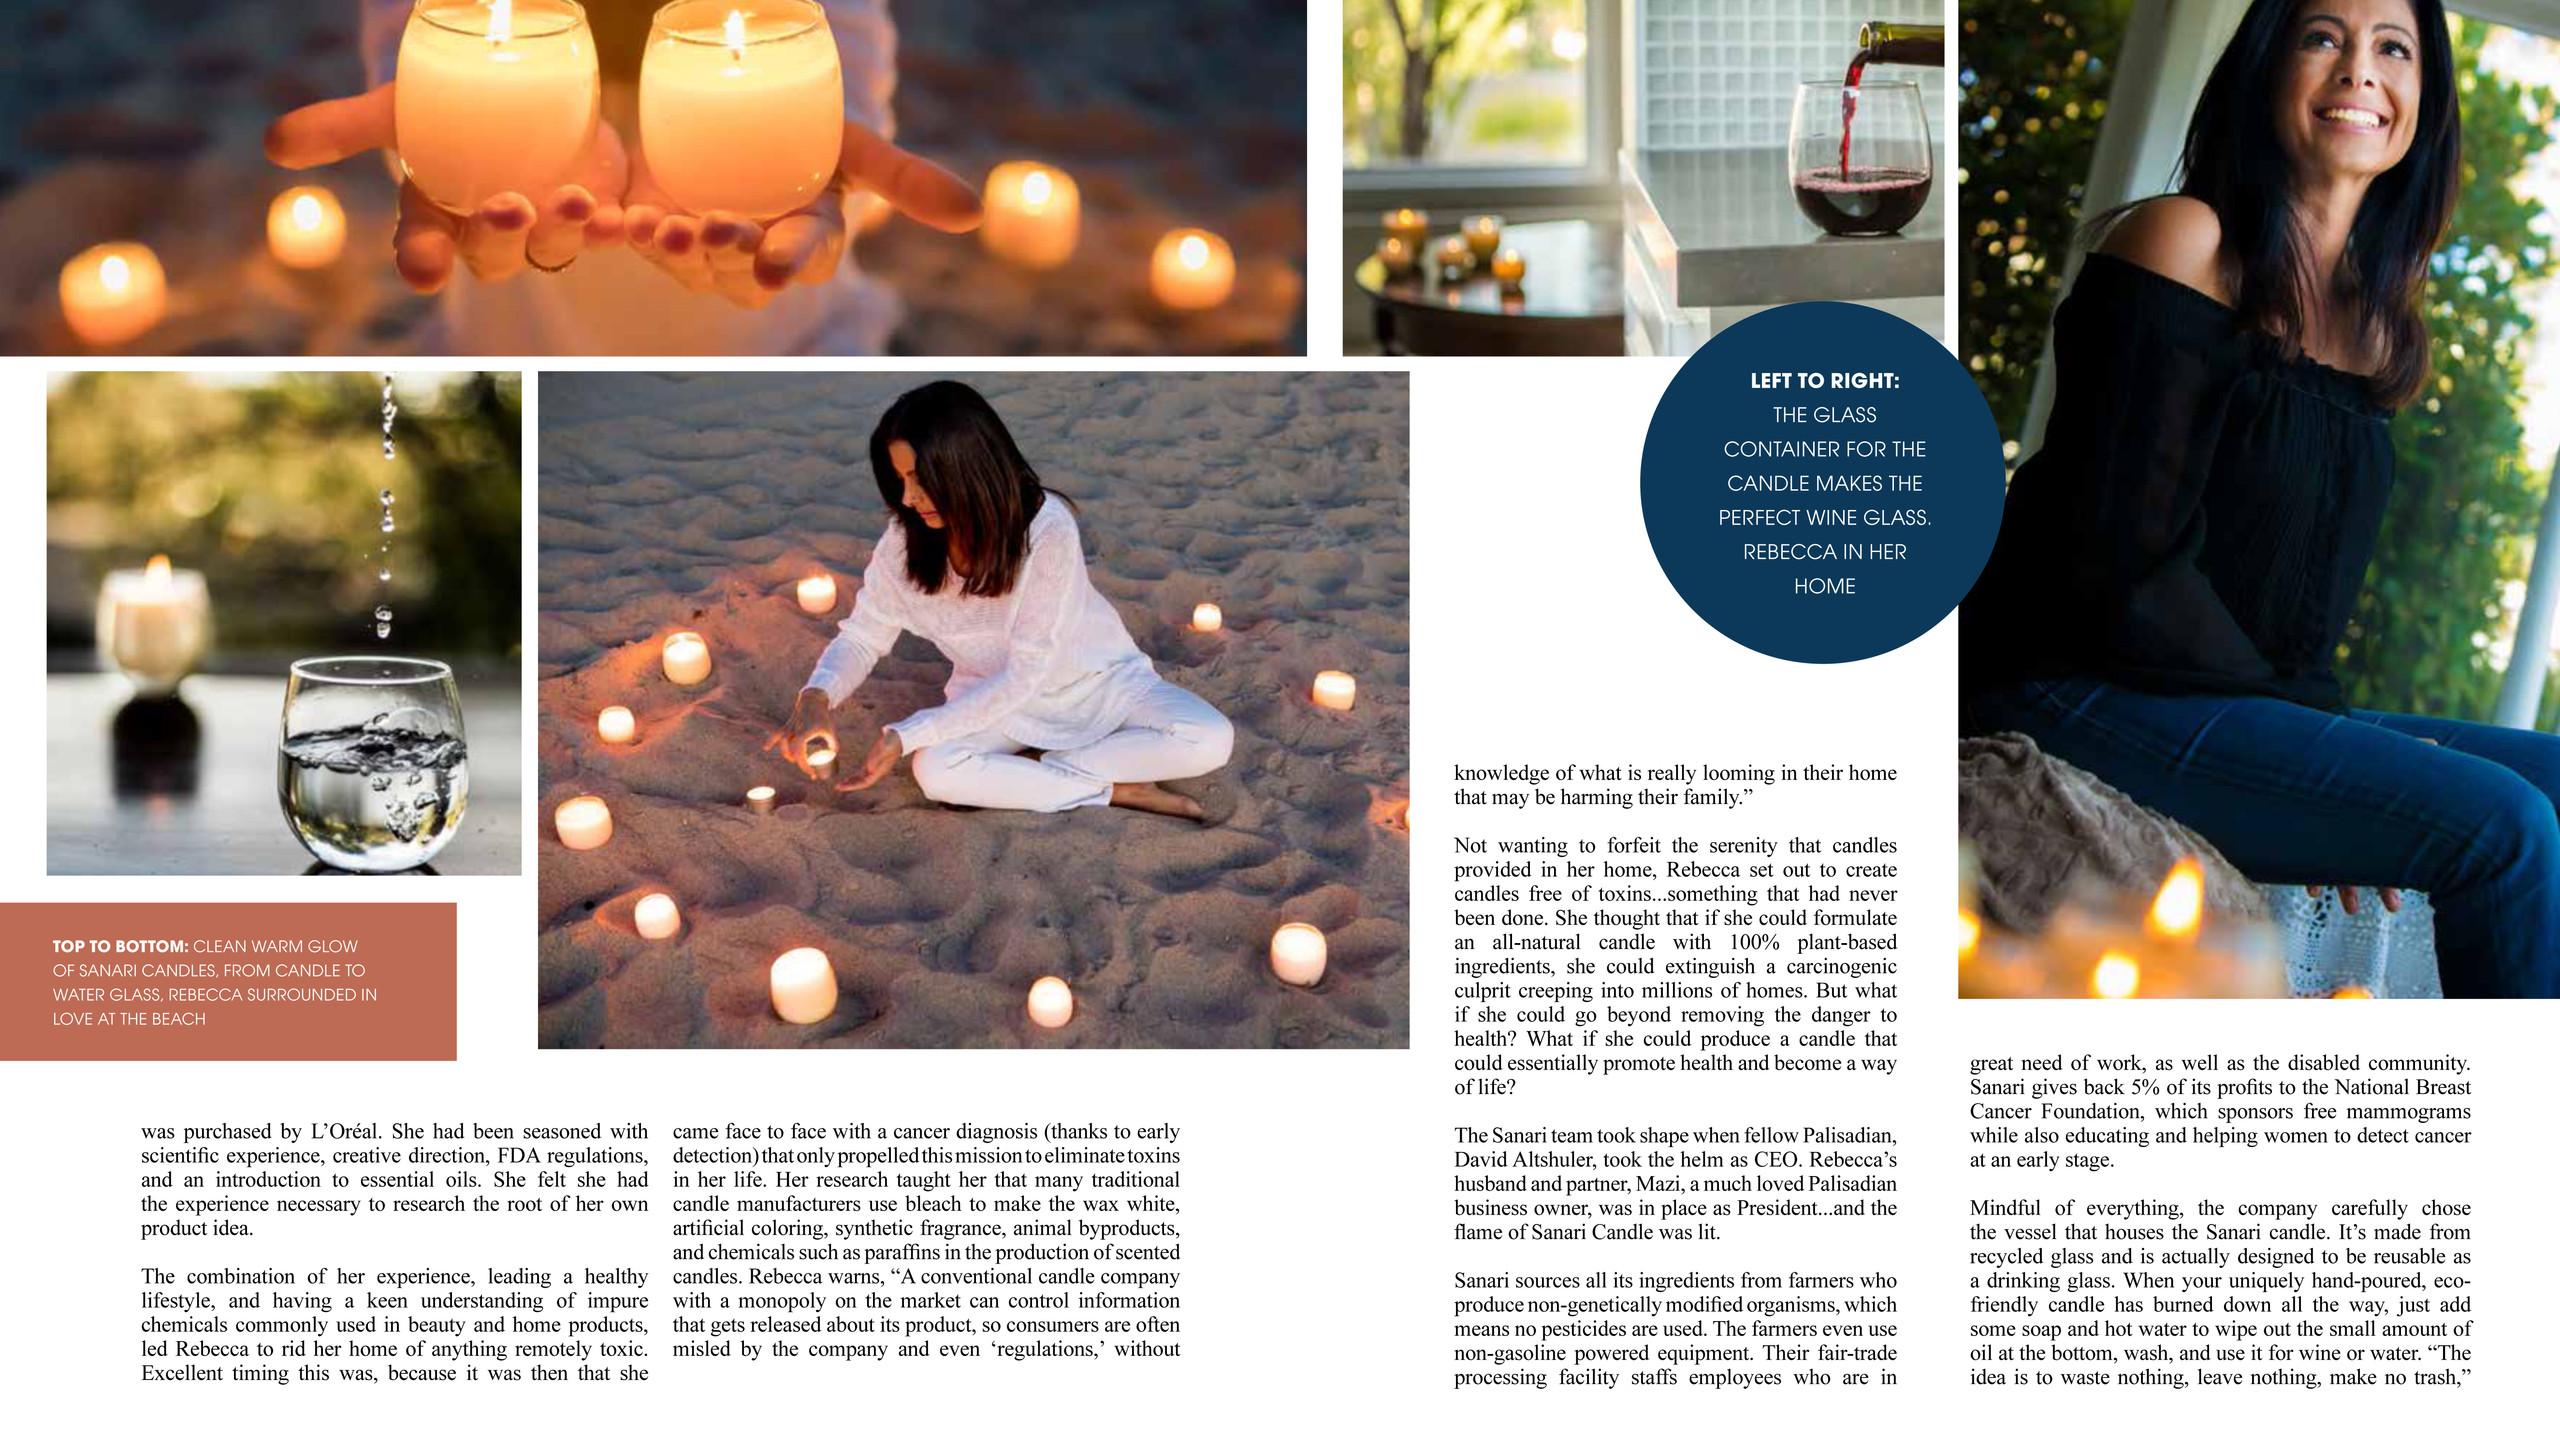 The Palisades Magazine